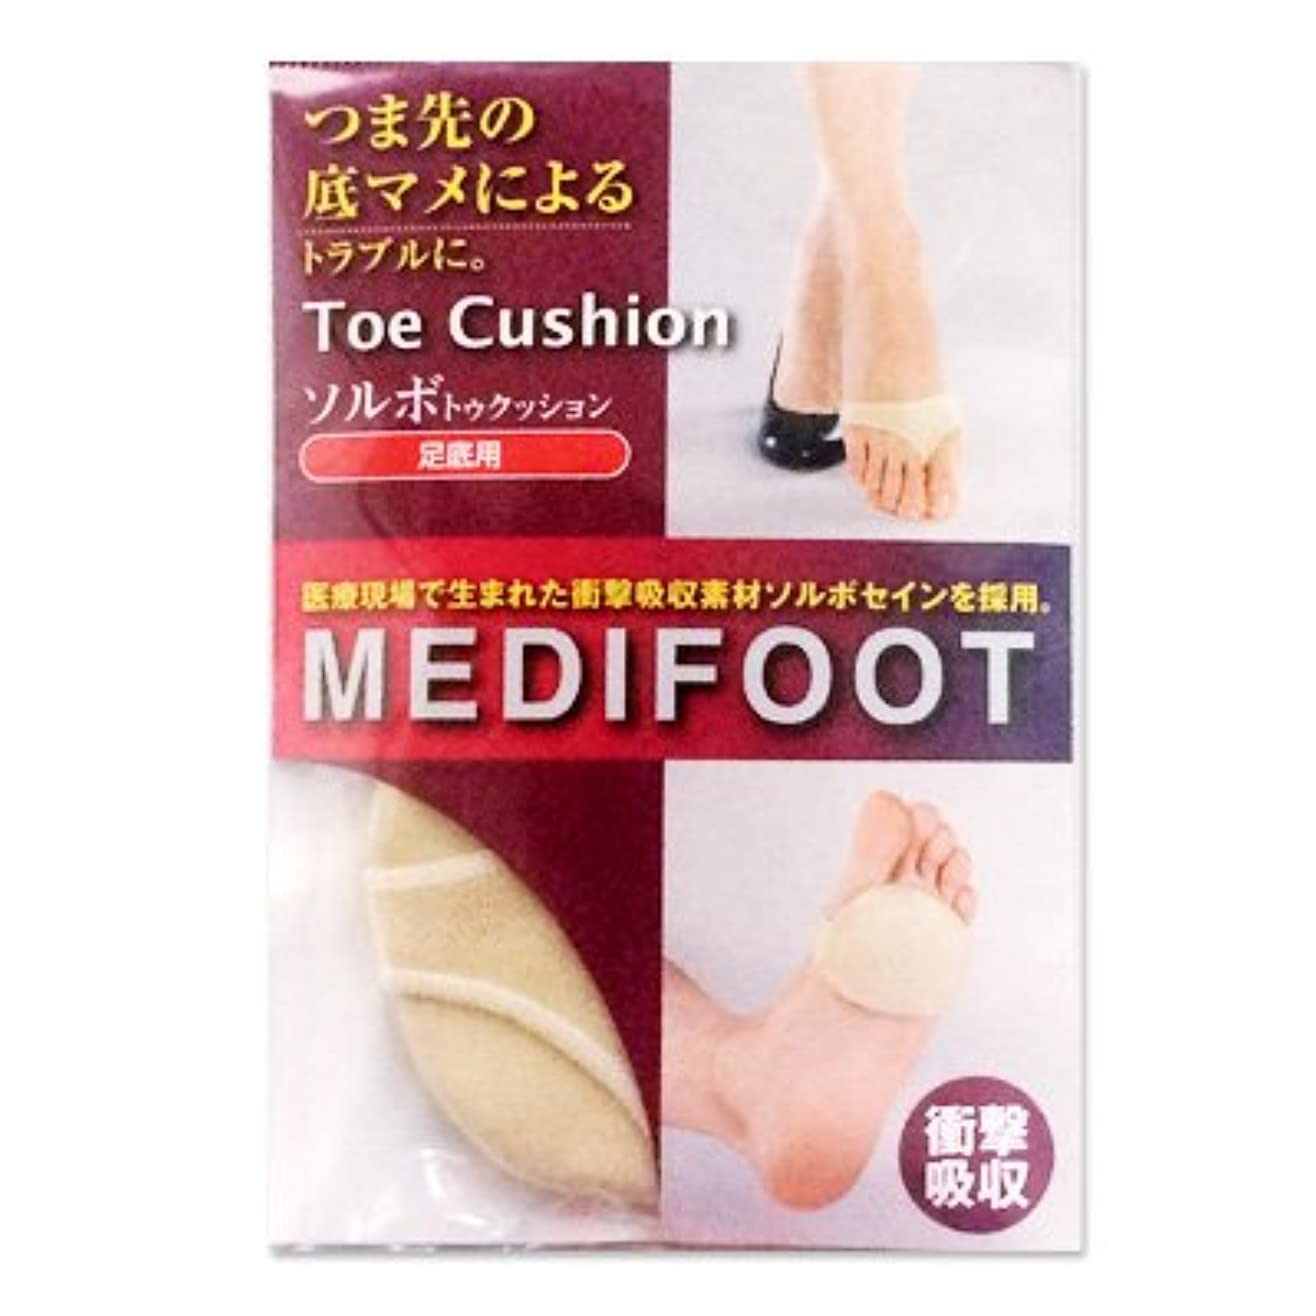 セールスマン本当にたるみソルボ トゥクッション 足底用[女性フリーサイズ(22-25cm)]63003